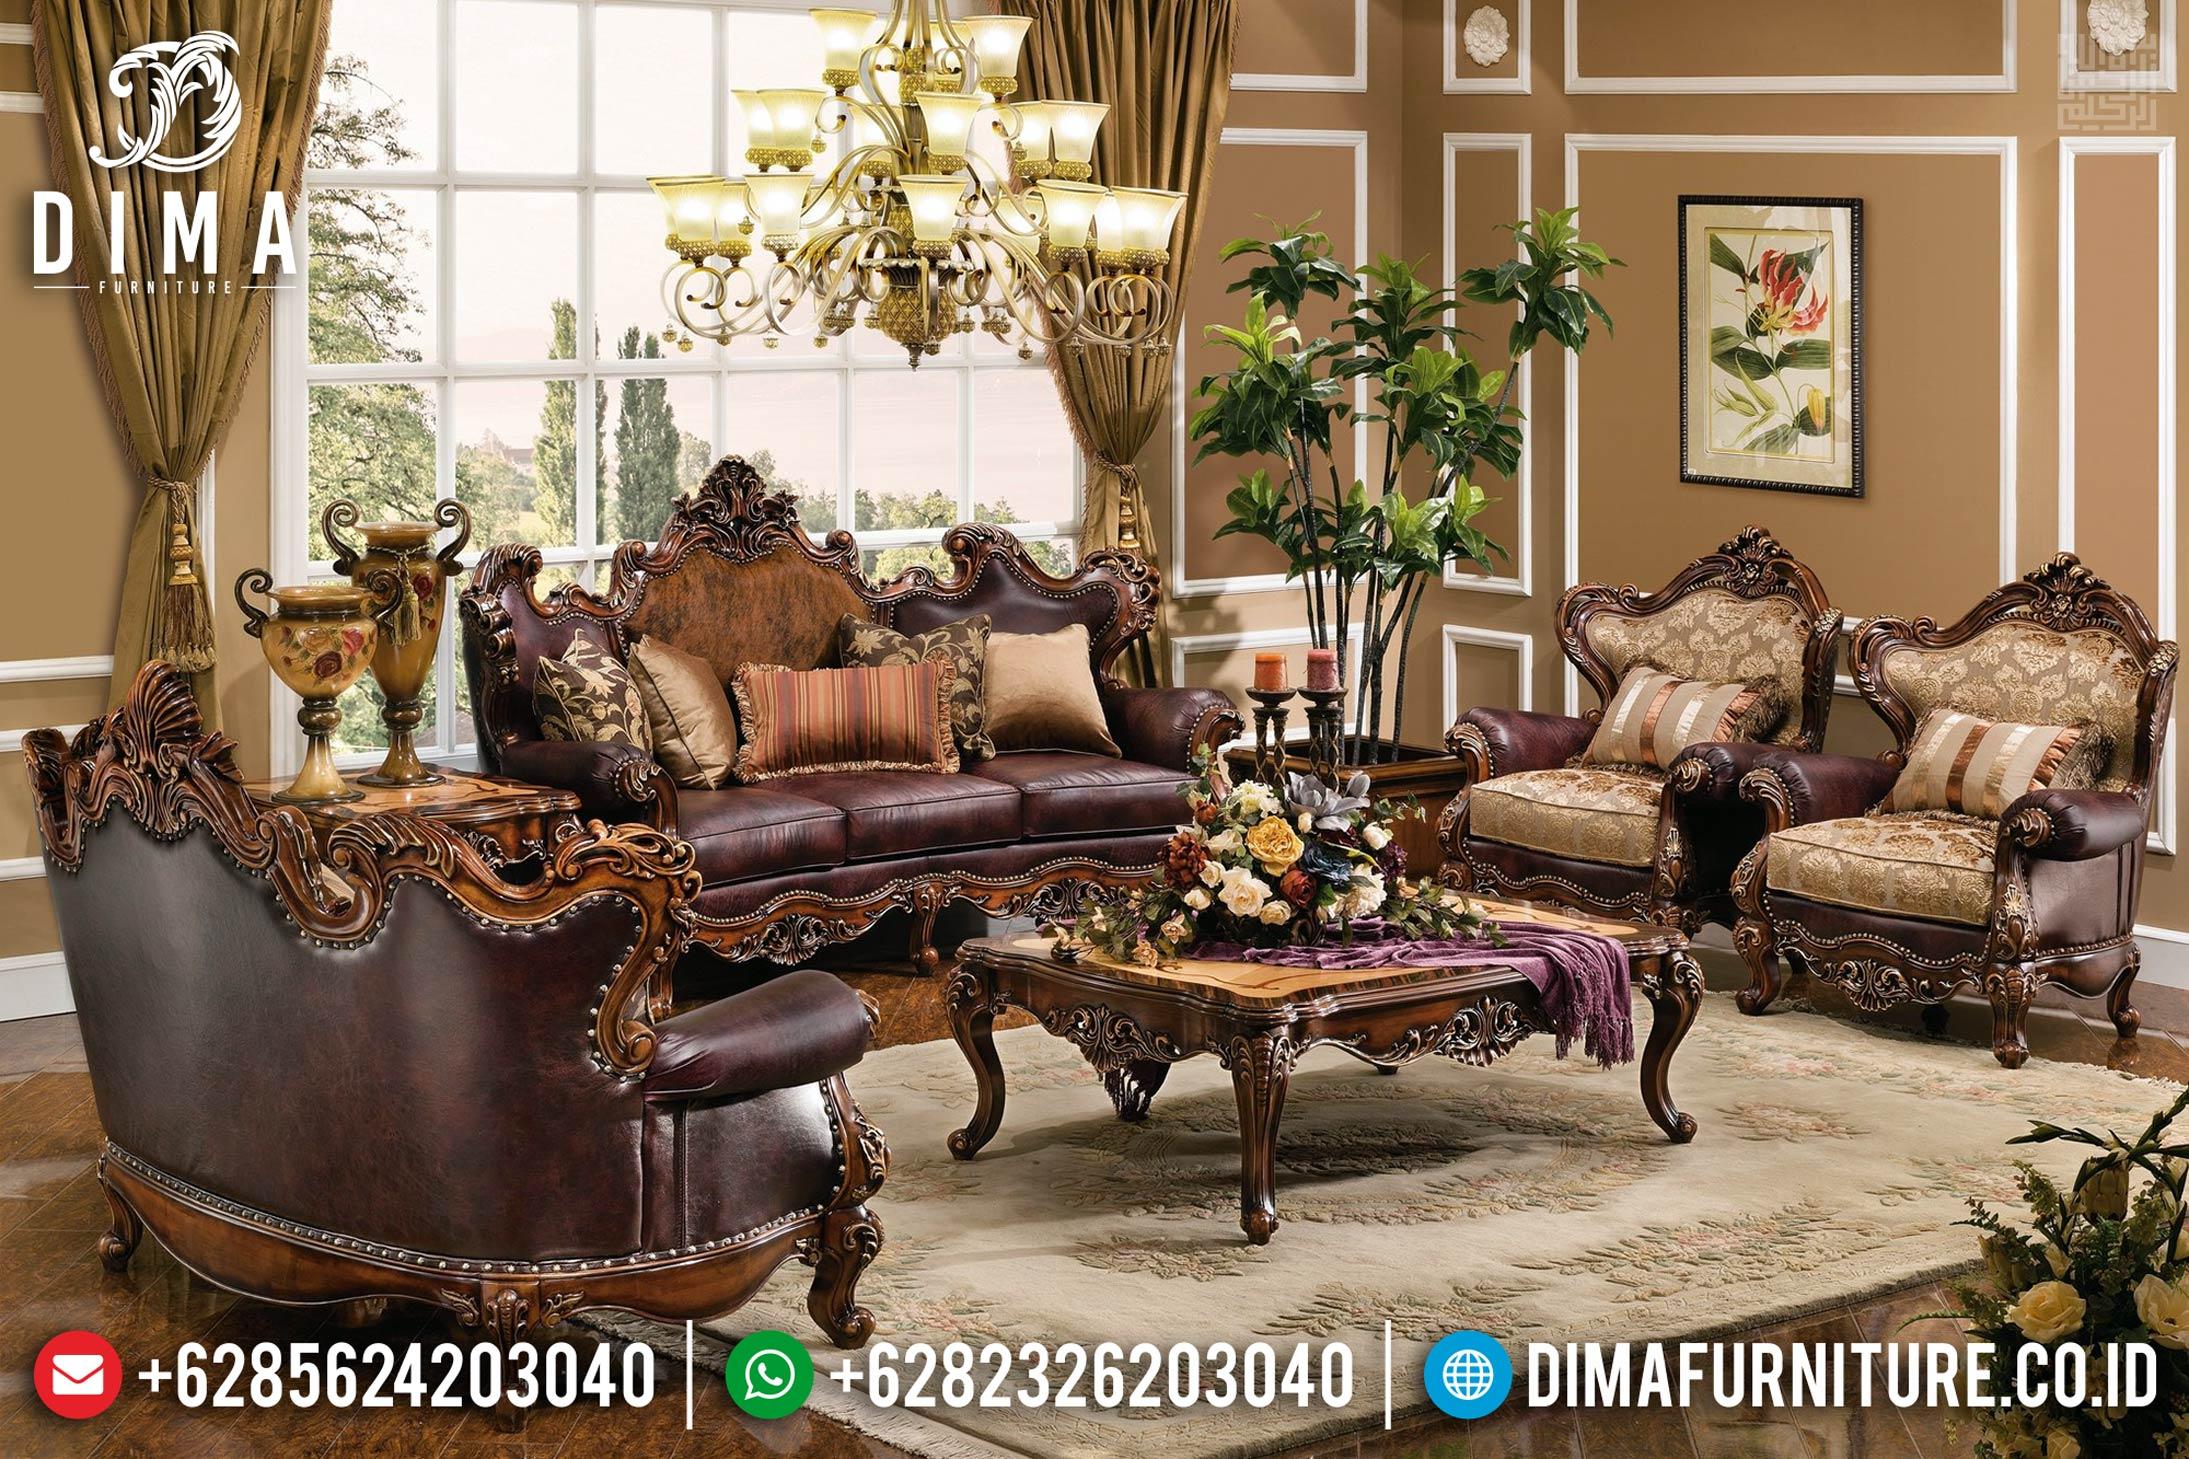 Furniture Jepara Set Sofa Tamu Jati Rose Wood Natural Color MMJ-0394